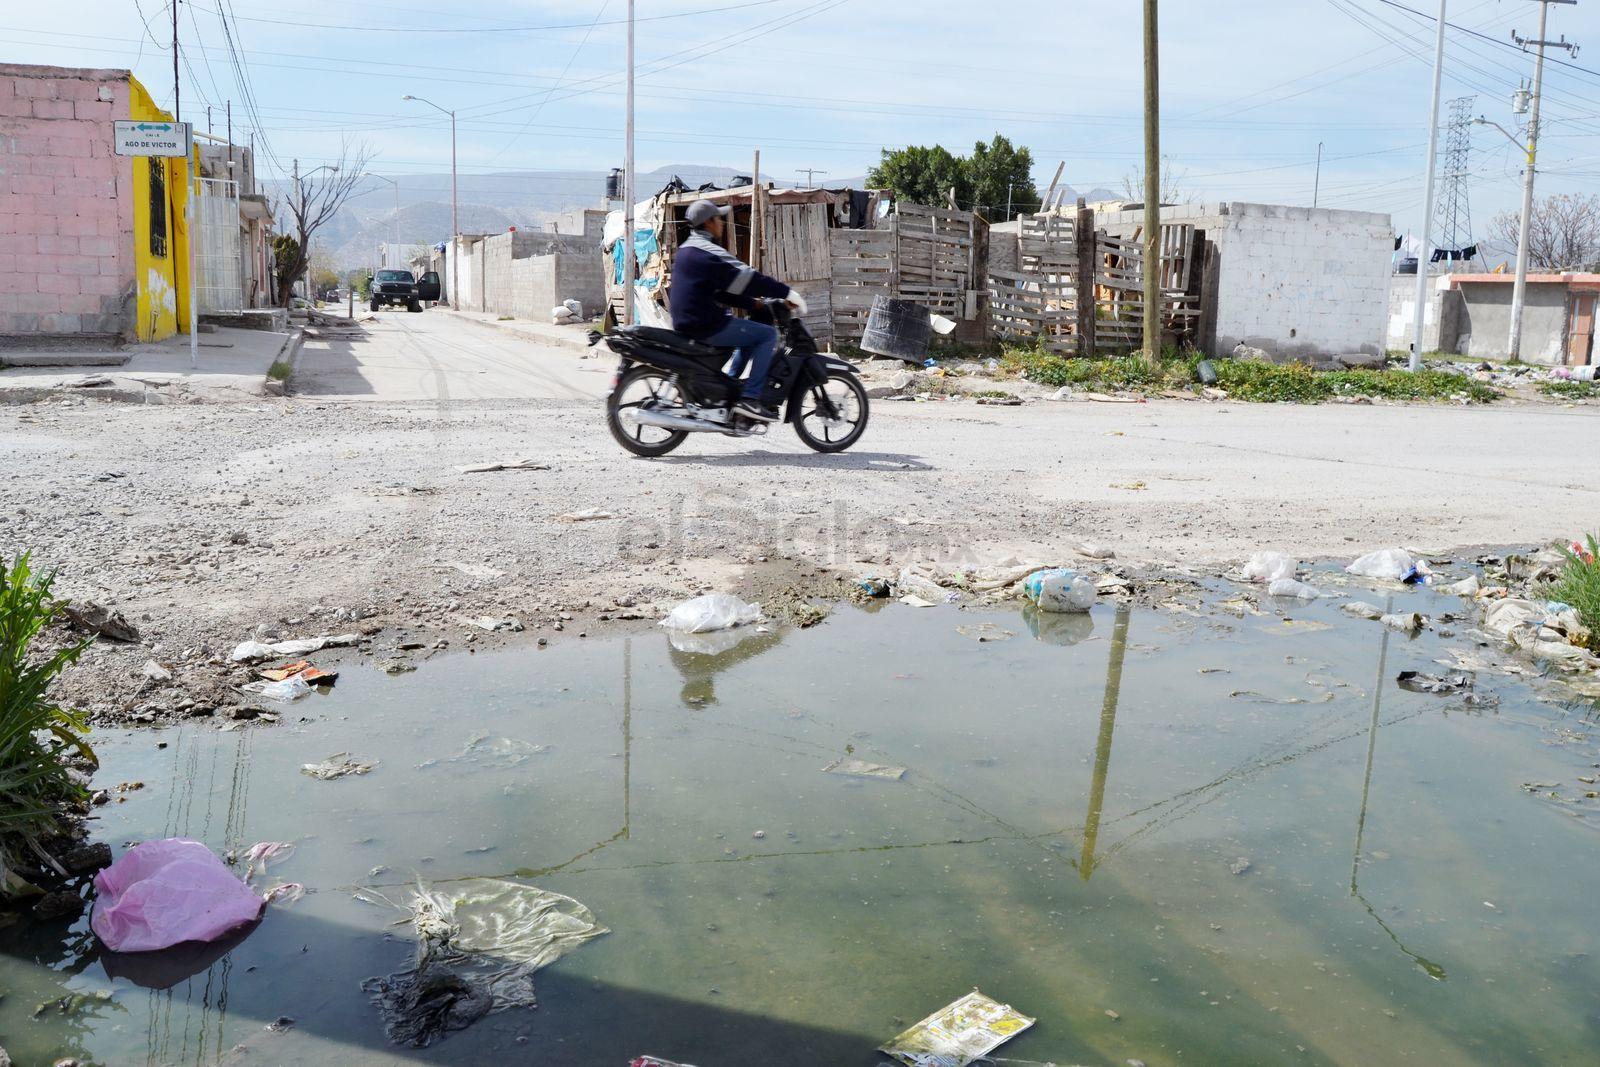 La ruta urbana también circulaba por la calle  Lago de la Victoria, en Zaragoza Sur que está en estas condiciones